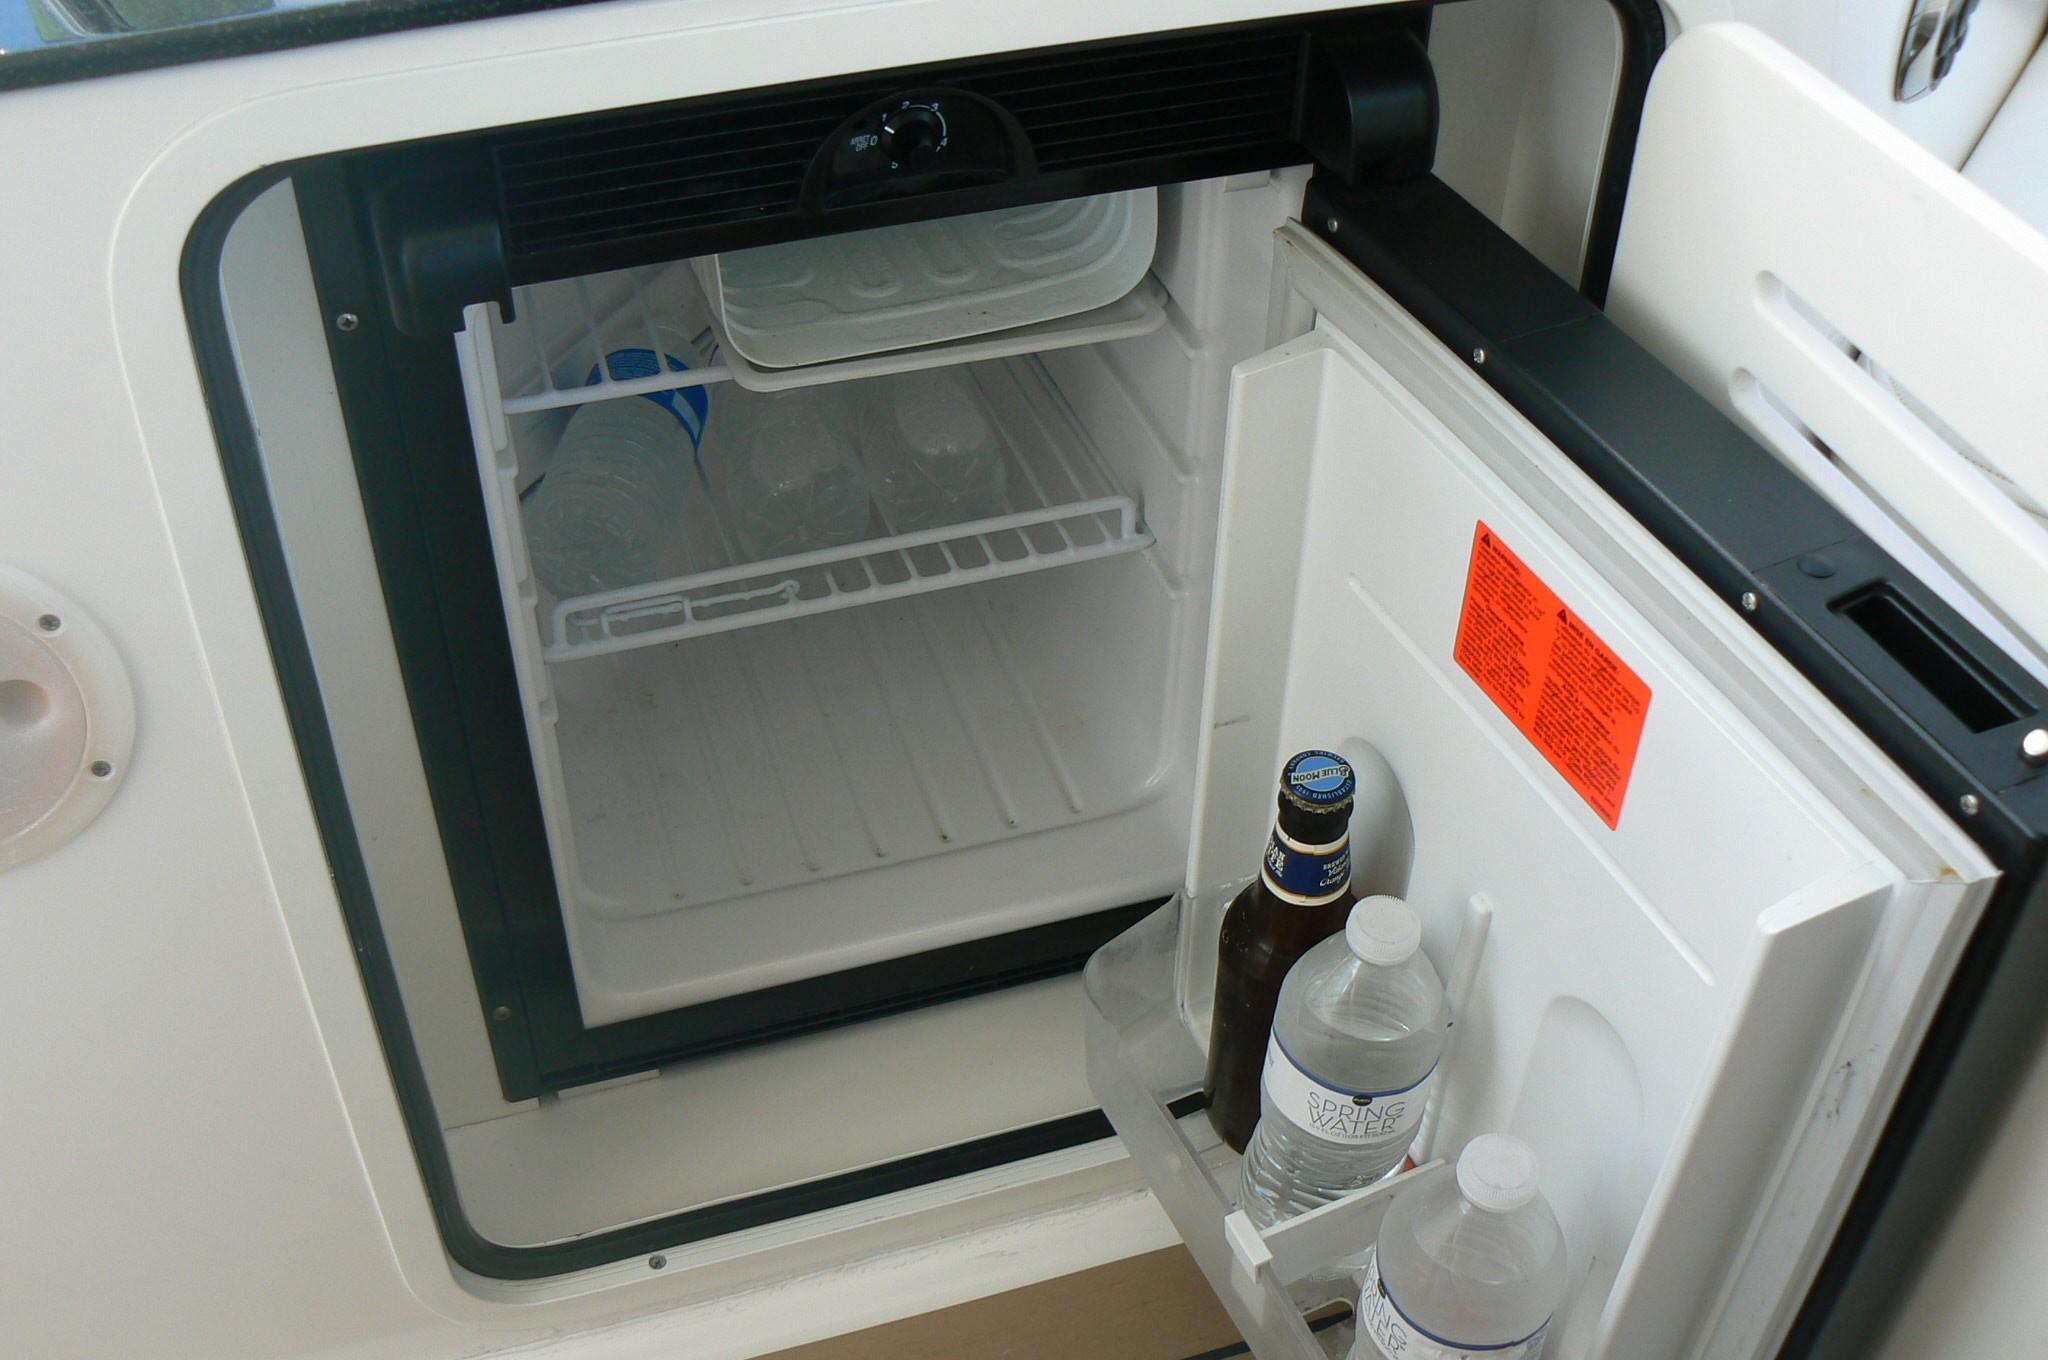 Helm Refrigerator 2